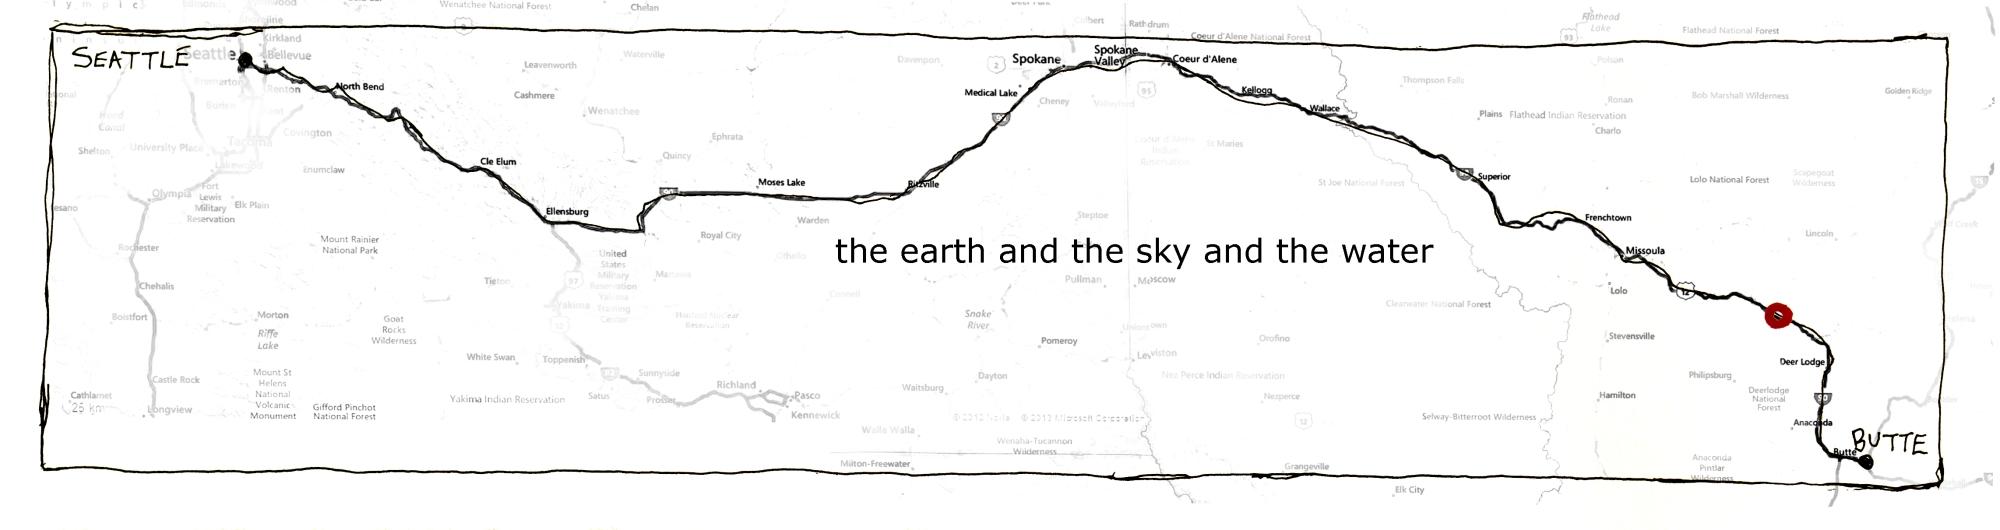 491 map